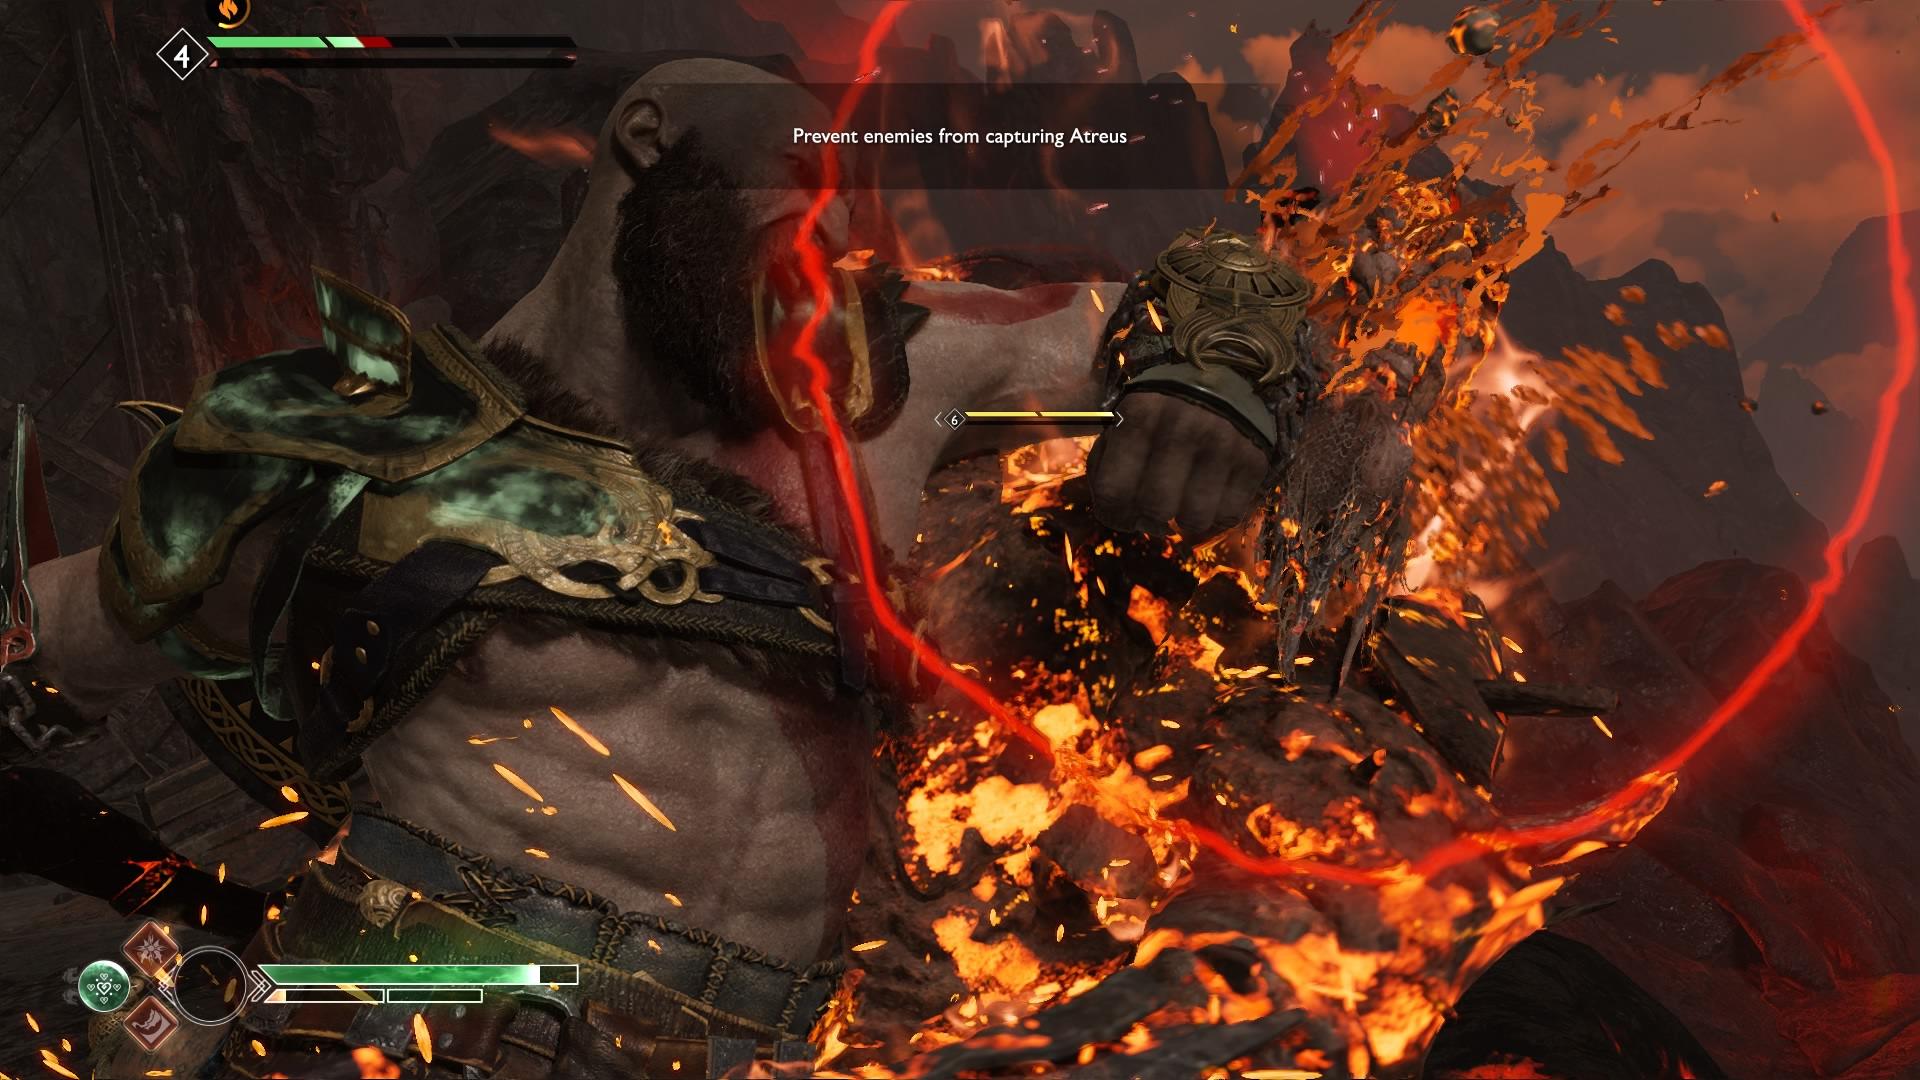 God of War - Challenges - Prevent Capturing.jpg